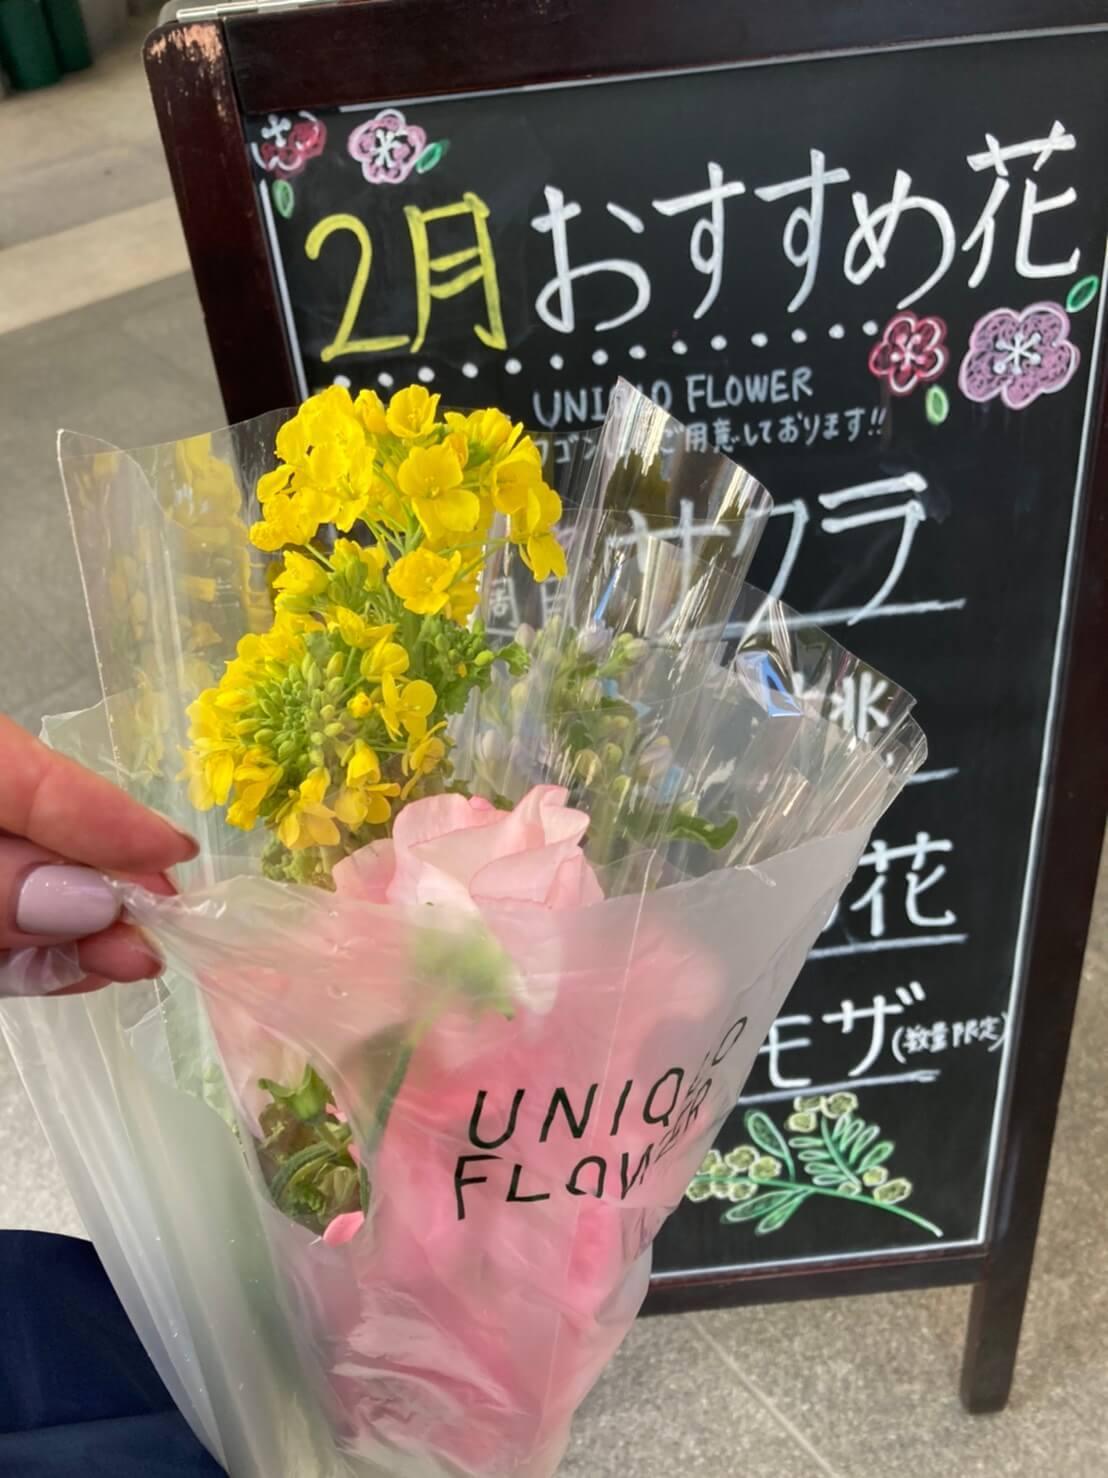 ユニクロでお花が買える!?_1_2-1